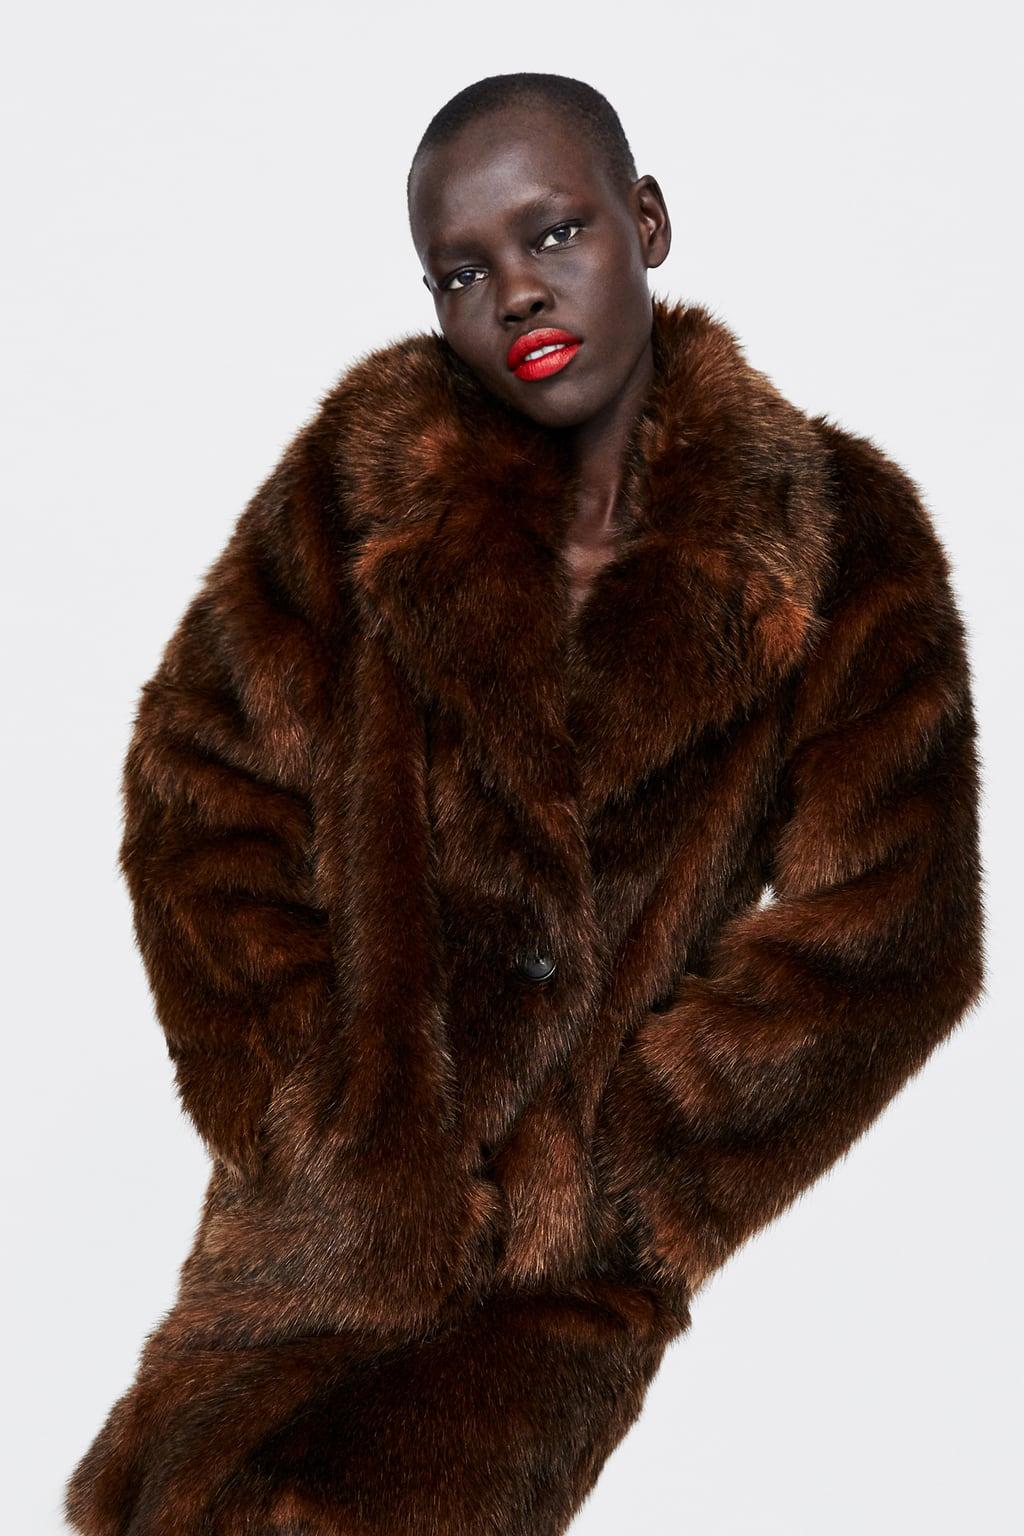 094c4a05 The €60 faux-fur coat from Zara that legit looks like it ...